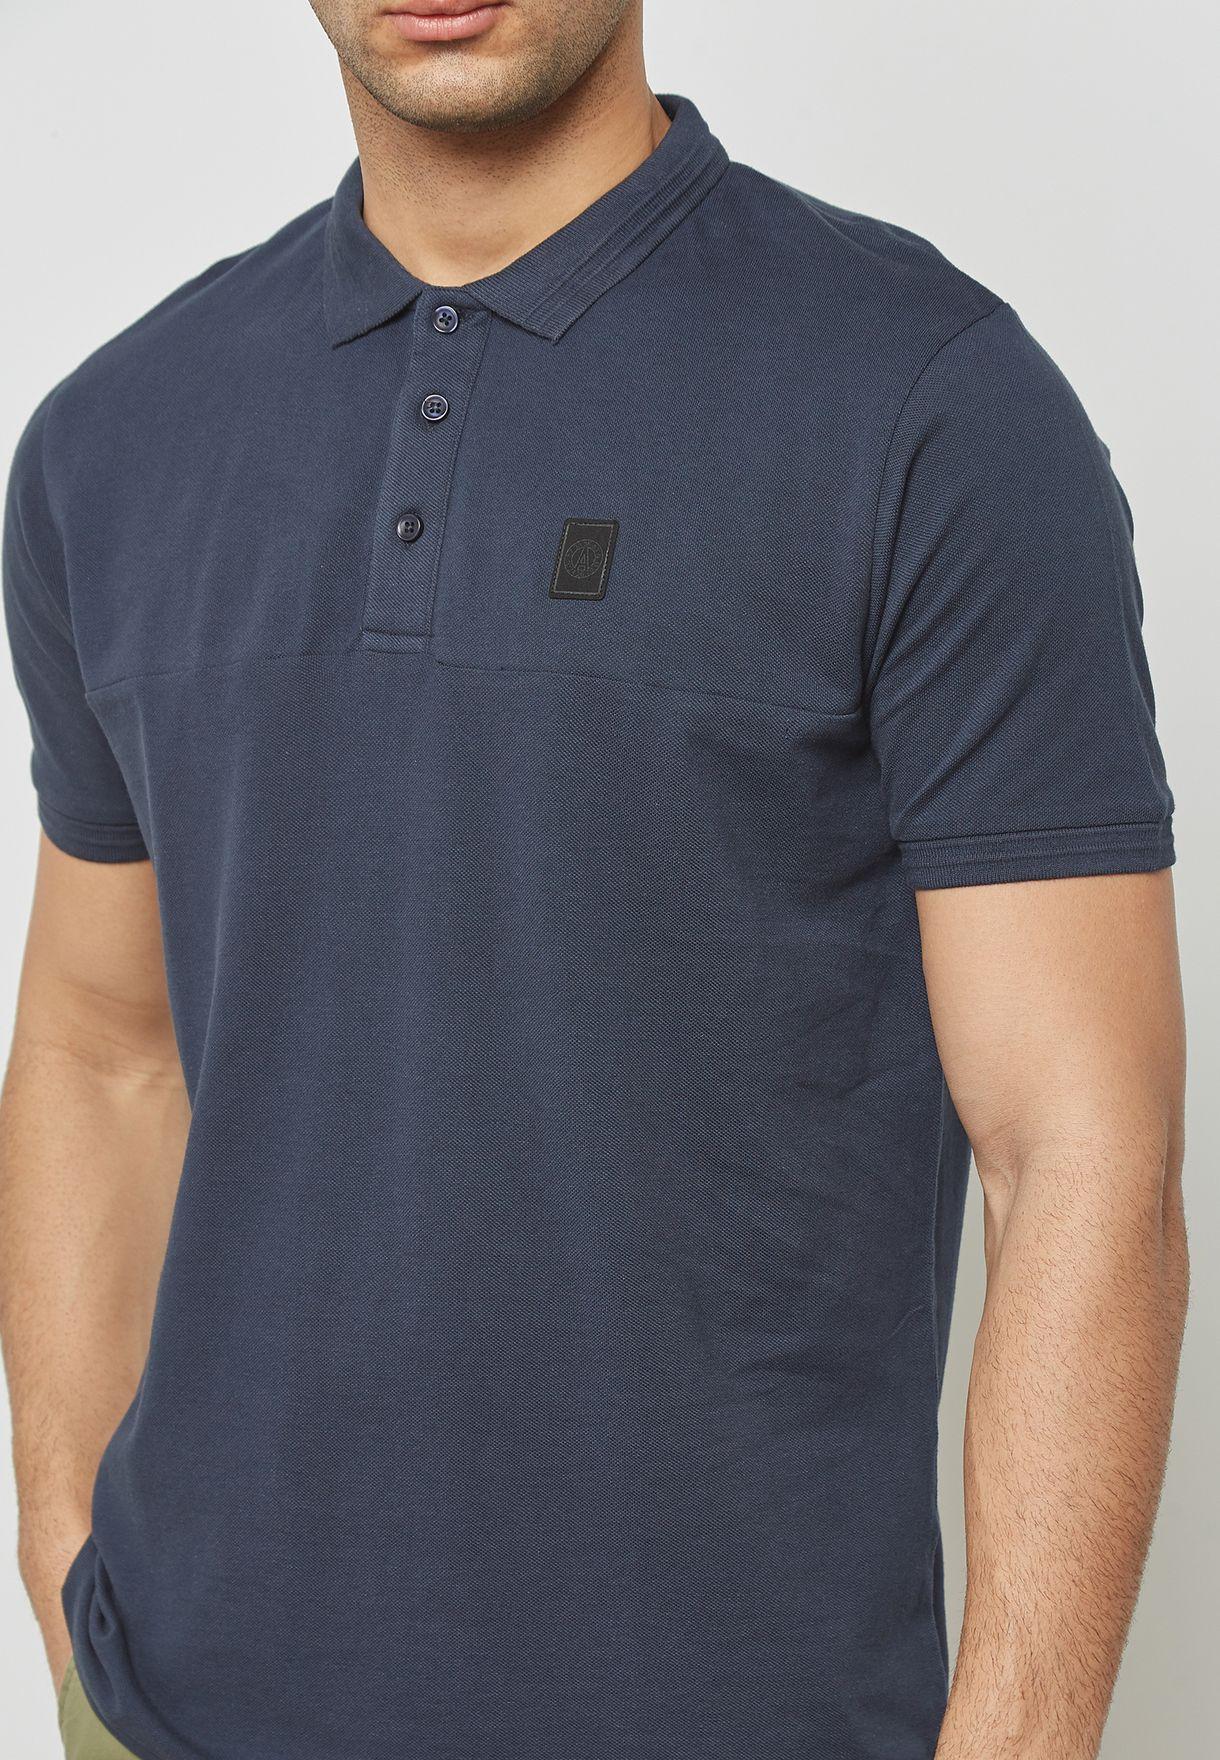 Daud Essential Polo